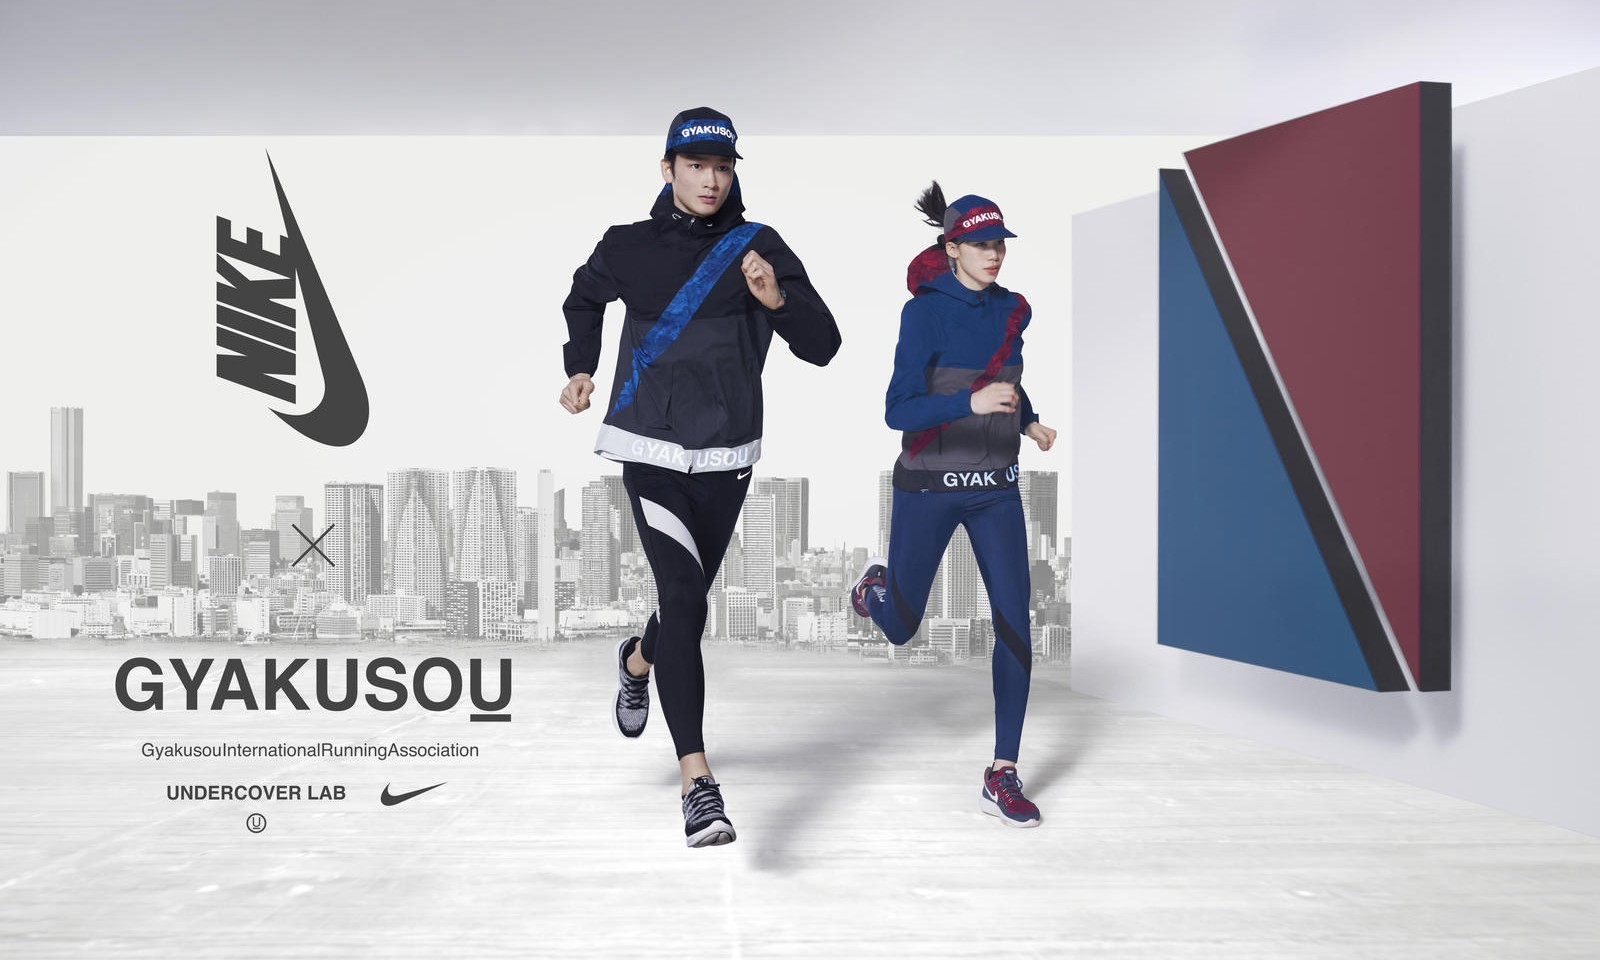 不对称美学设计,NikeLab GYAKUSOU 2017 春夏系列即将登场